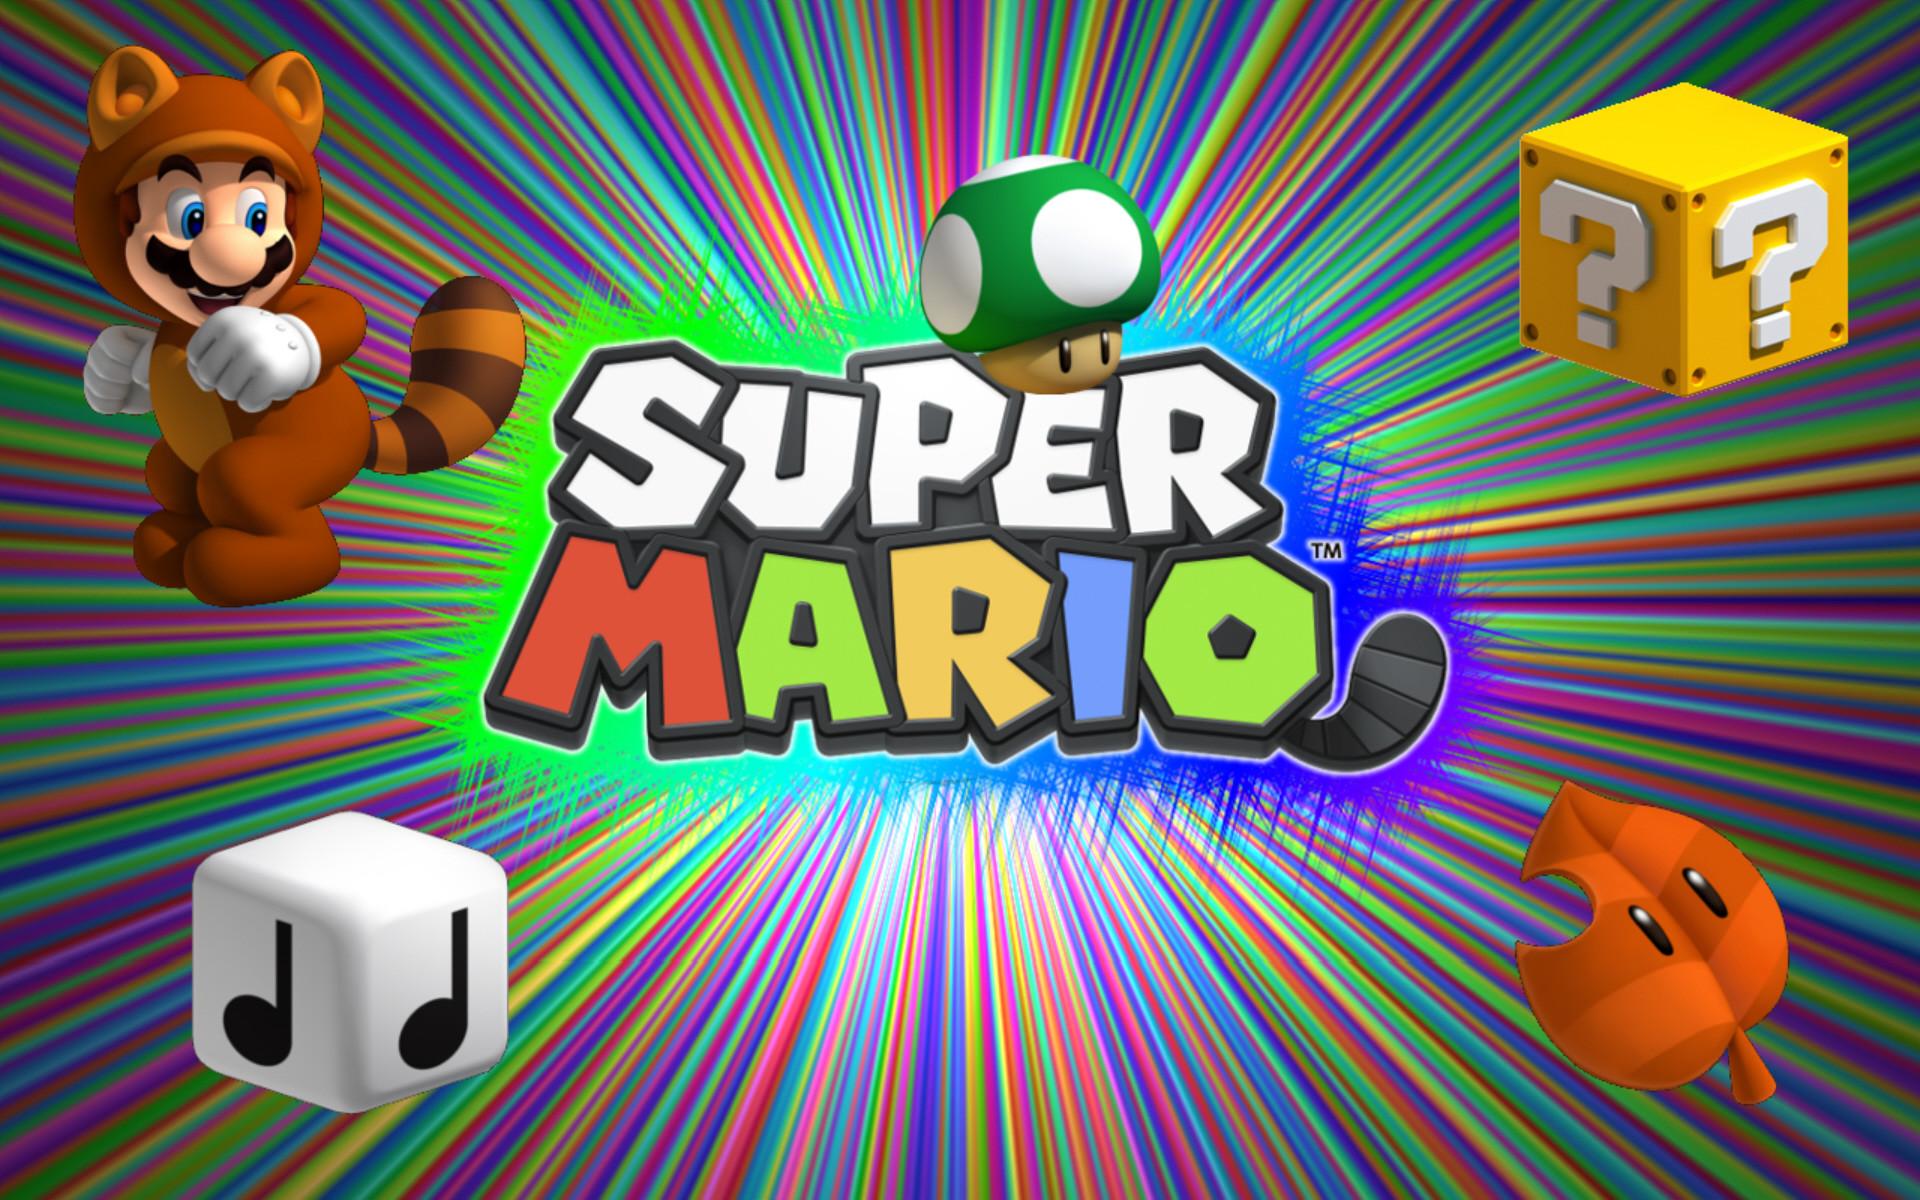 Super Mario Bros HD desktop wallpaper Widescreen High